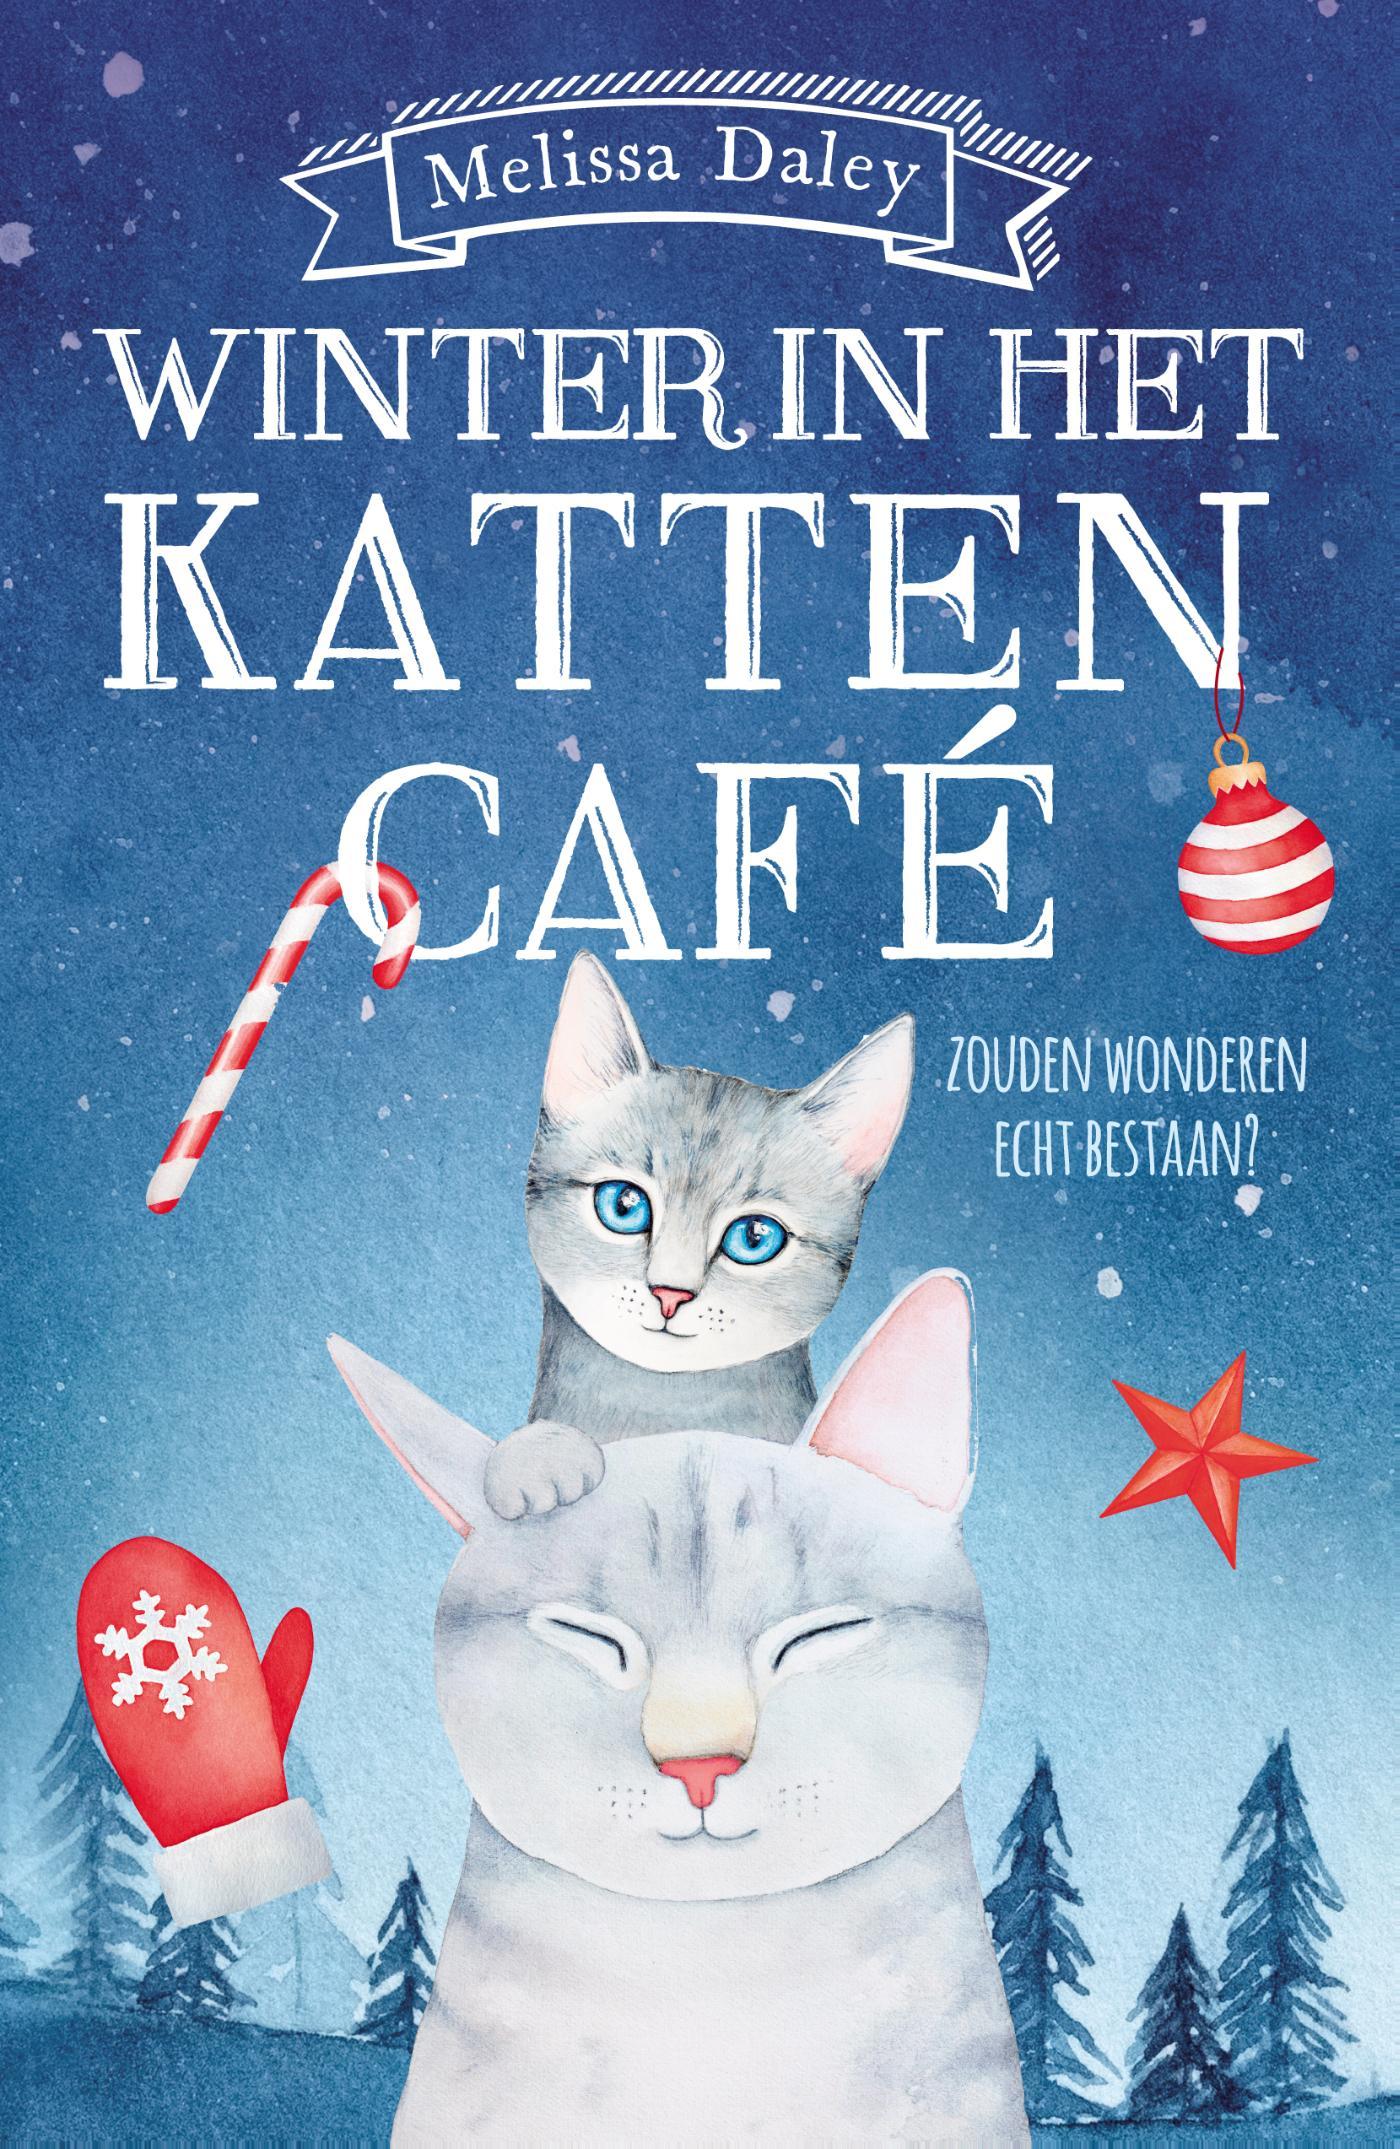 Winter in het kattencaf�